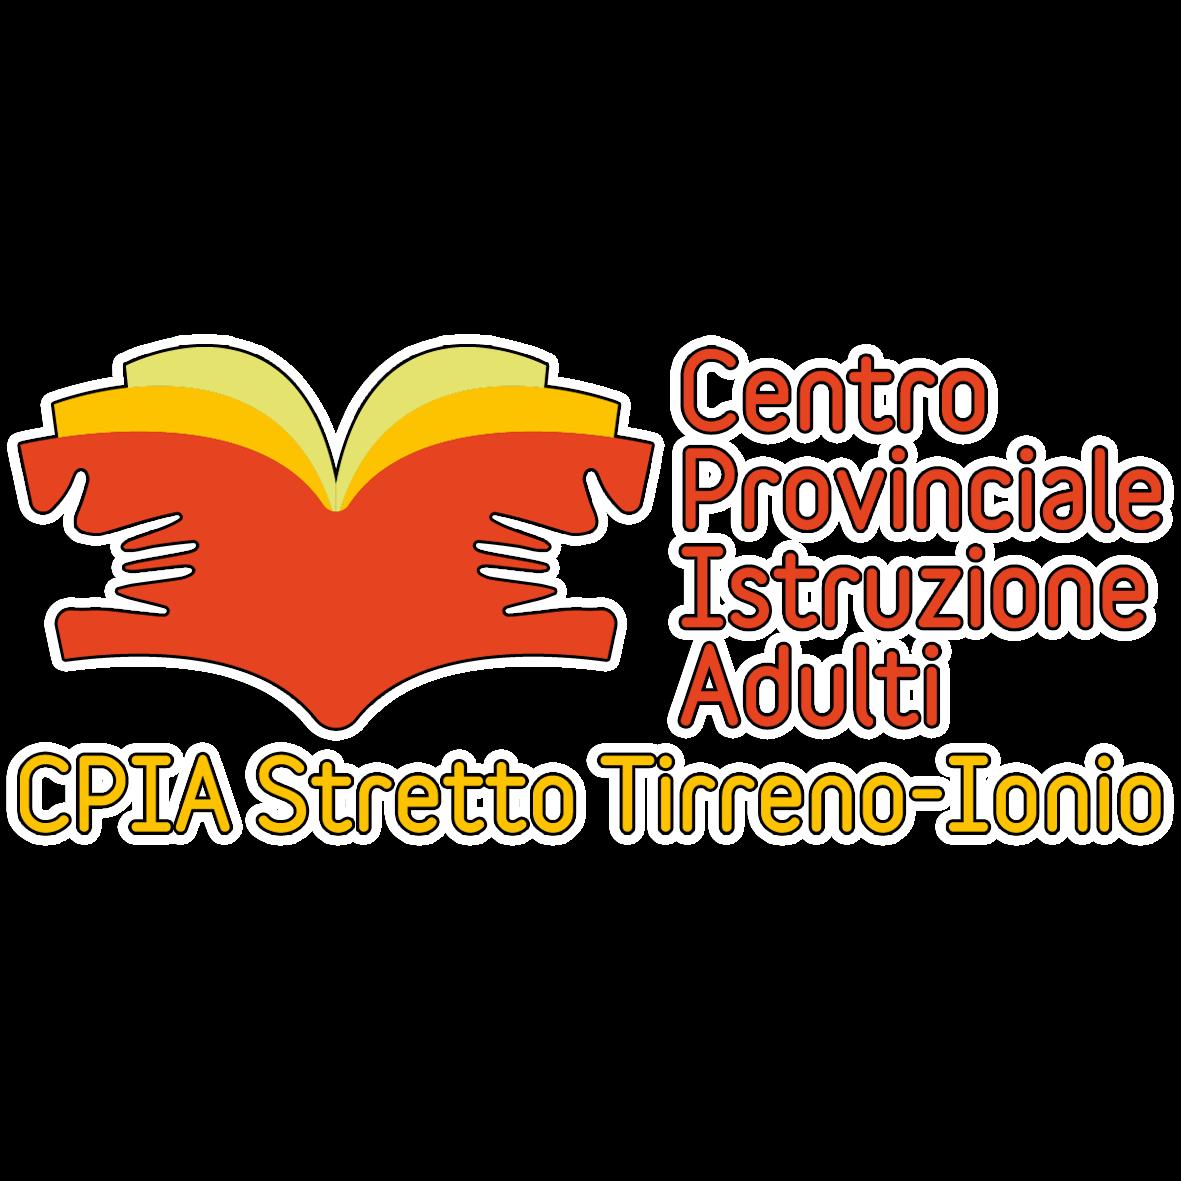 Centro  Provinciale  per  l'Istruzione  degli  Adulti – C.P.I.A.  –  Stretto Tirreno – Ionio